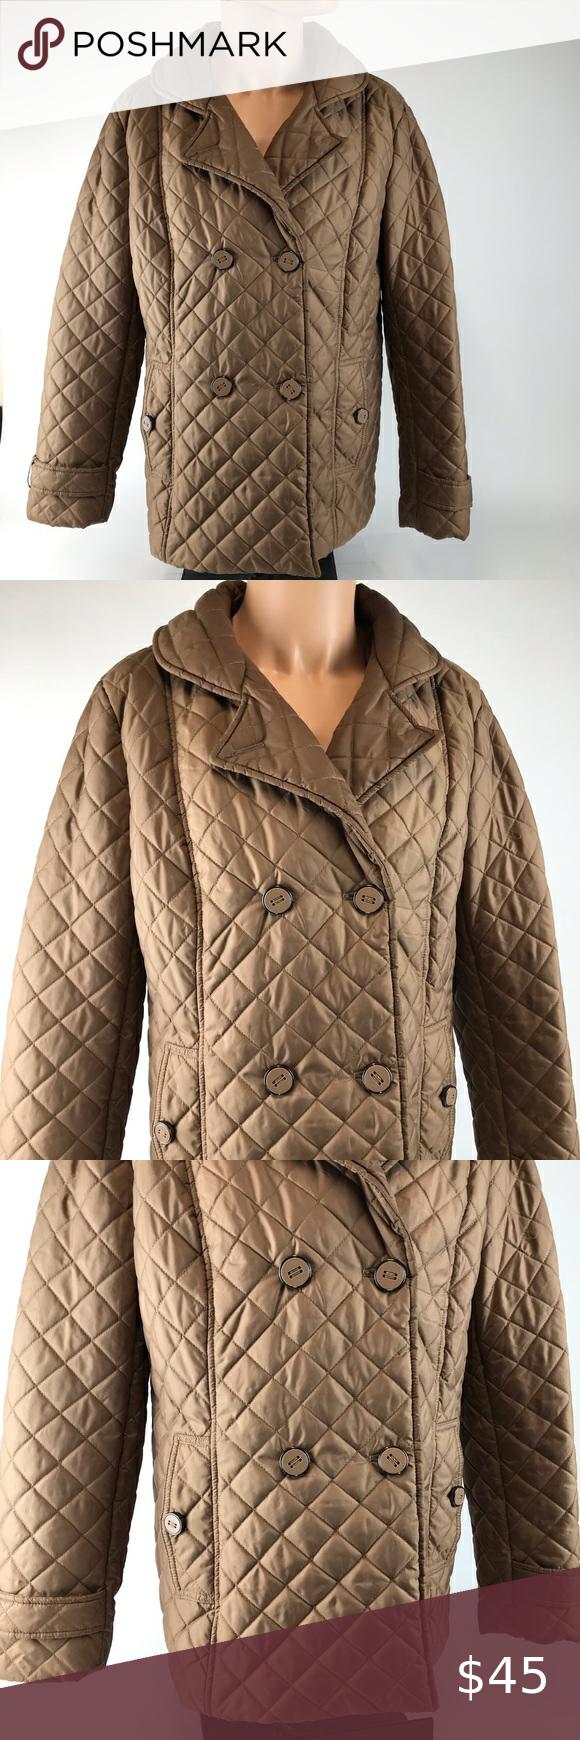 Covington Coat Colorful Coat Clothes Design Coat [ 1740 x 580 Pixel ]